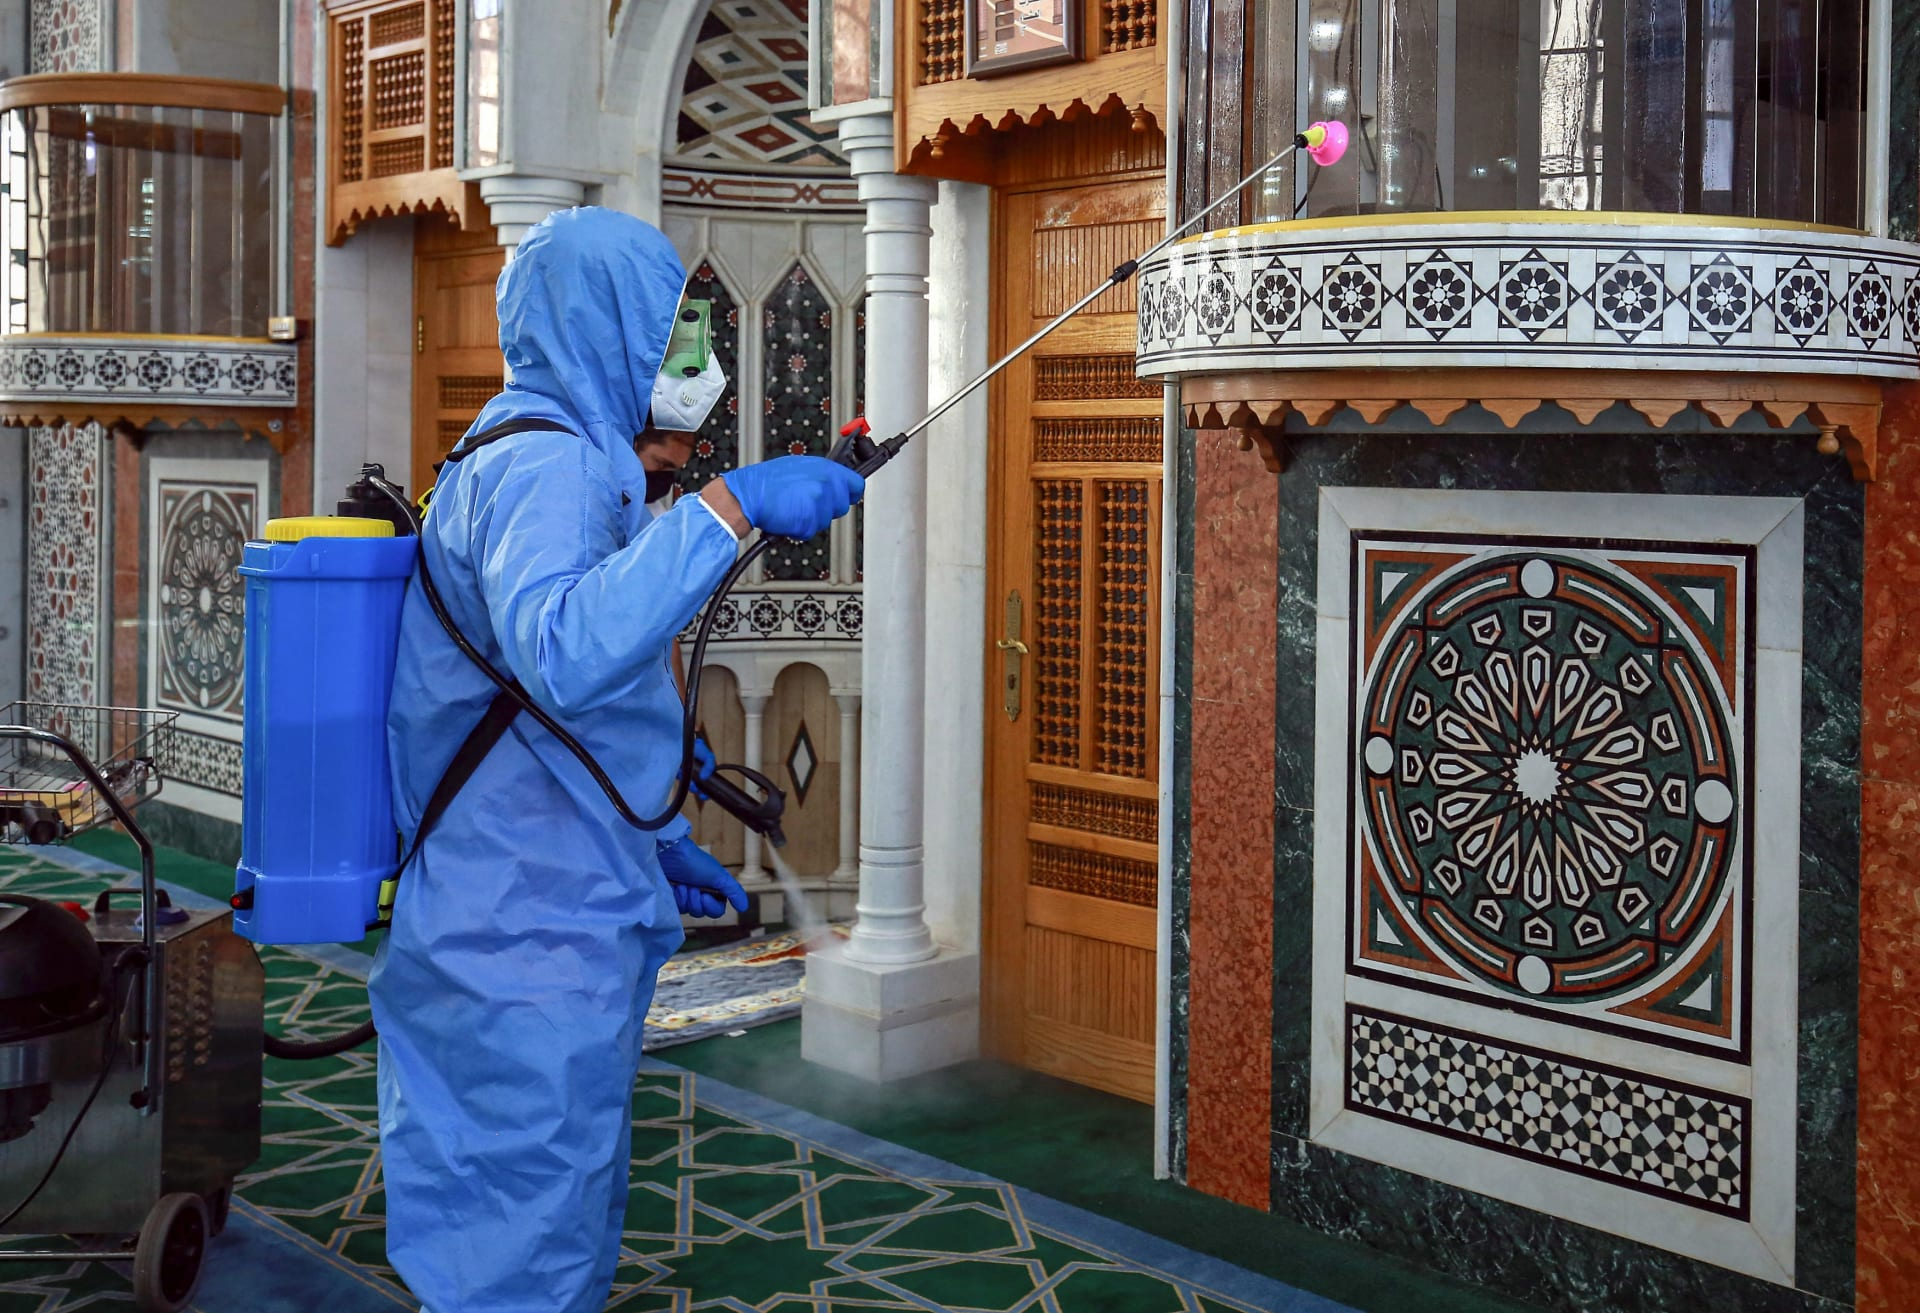 الإمارات ترسل 12.4 طنا من المساعدات الطبية للأردن لمواجهة فيروس كورونا